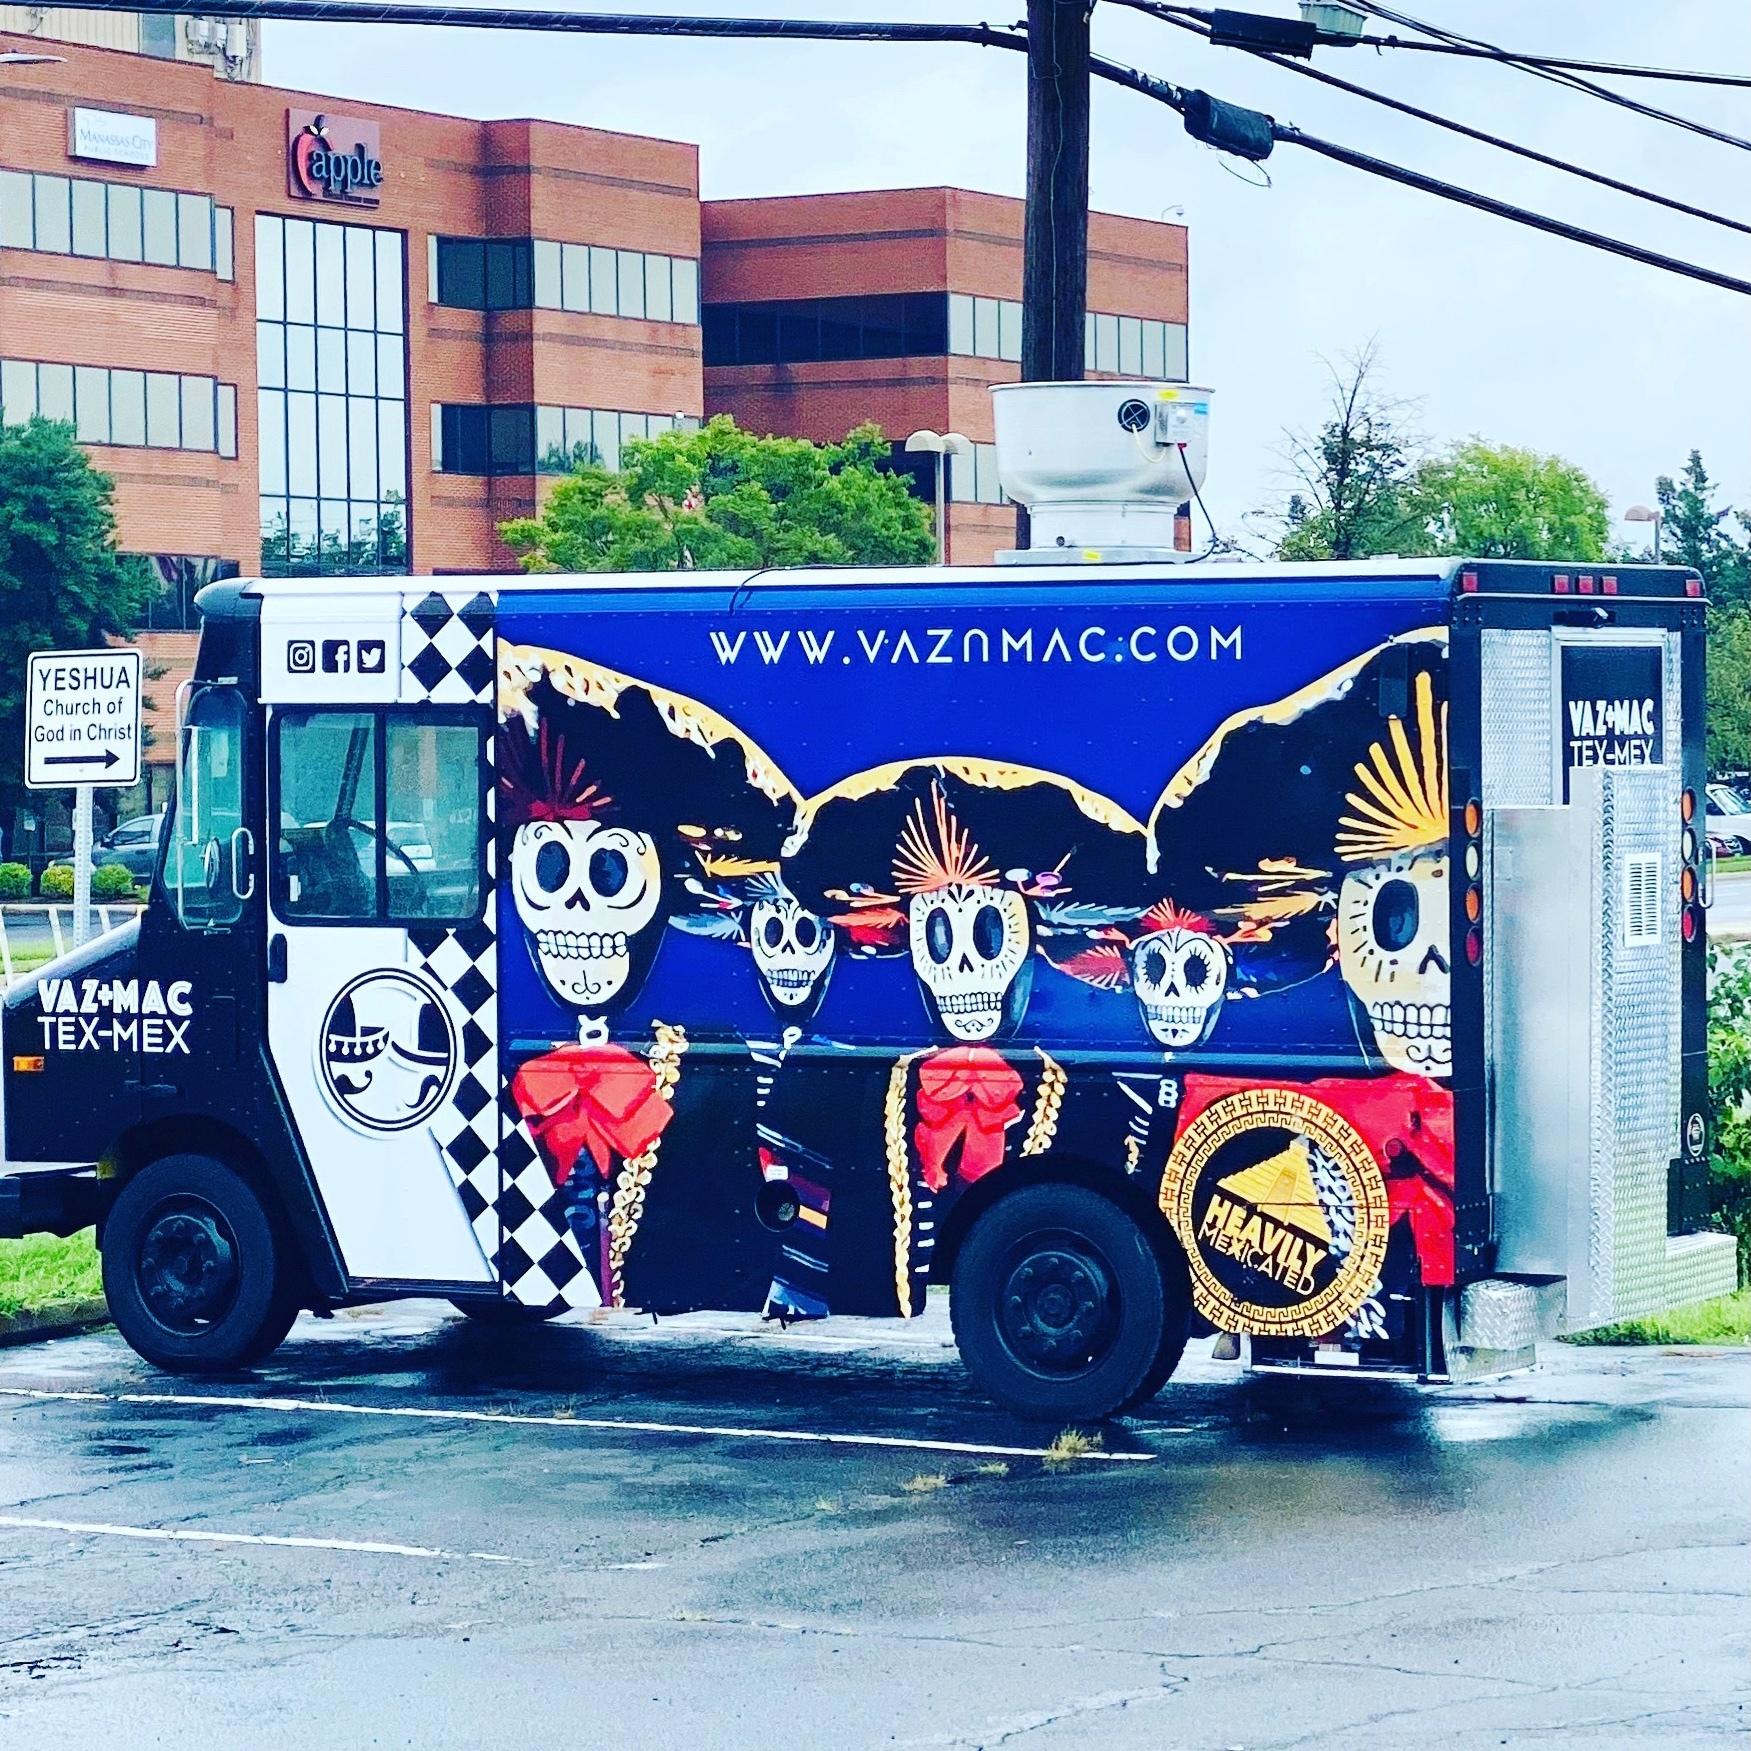 Vaz & Mac Tex-Mex food truck profile image